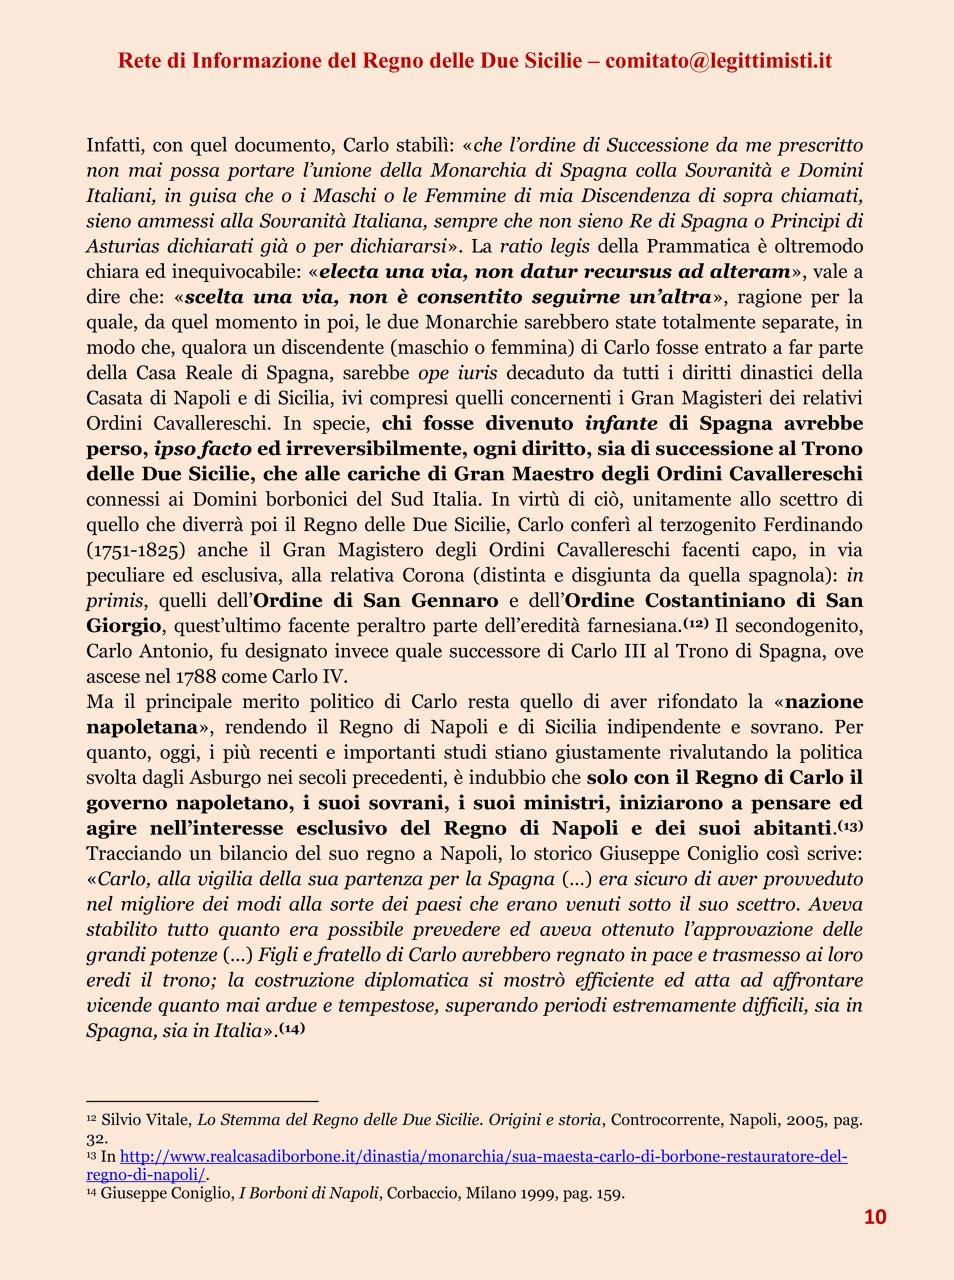 Carlo di Borbone 10#001